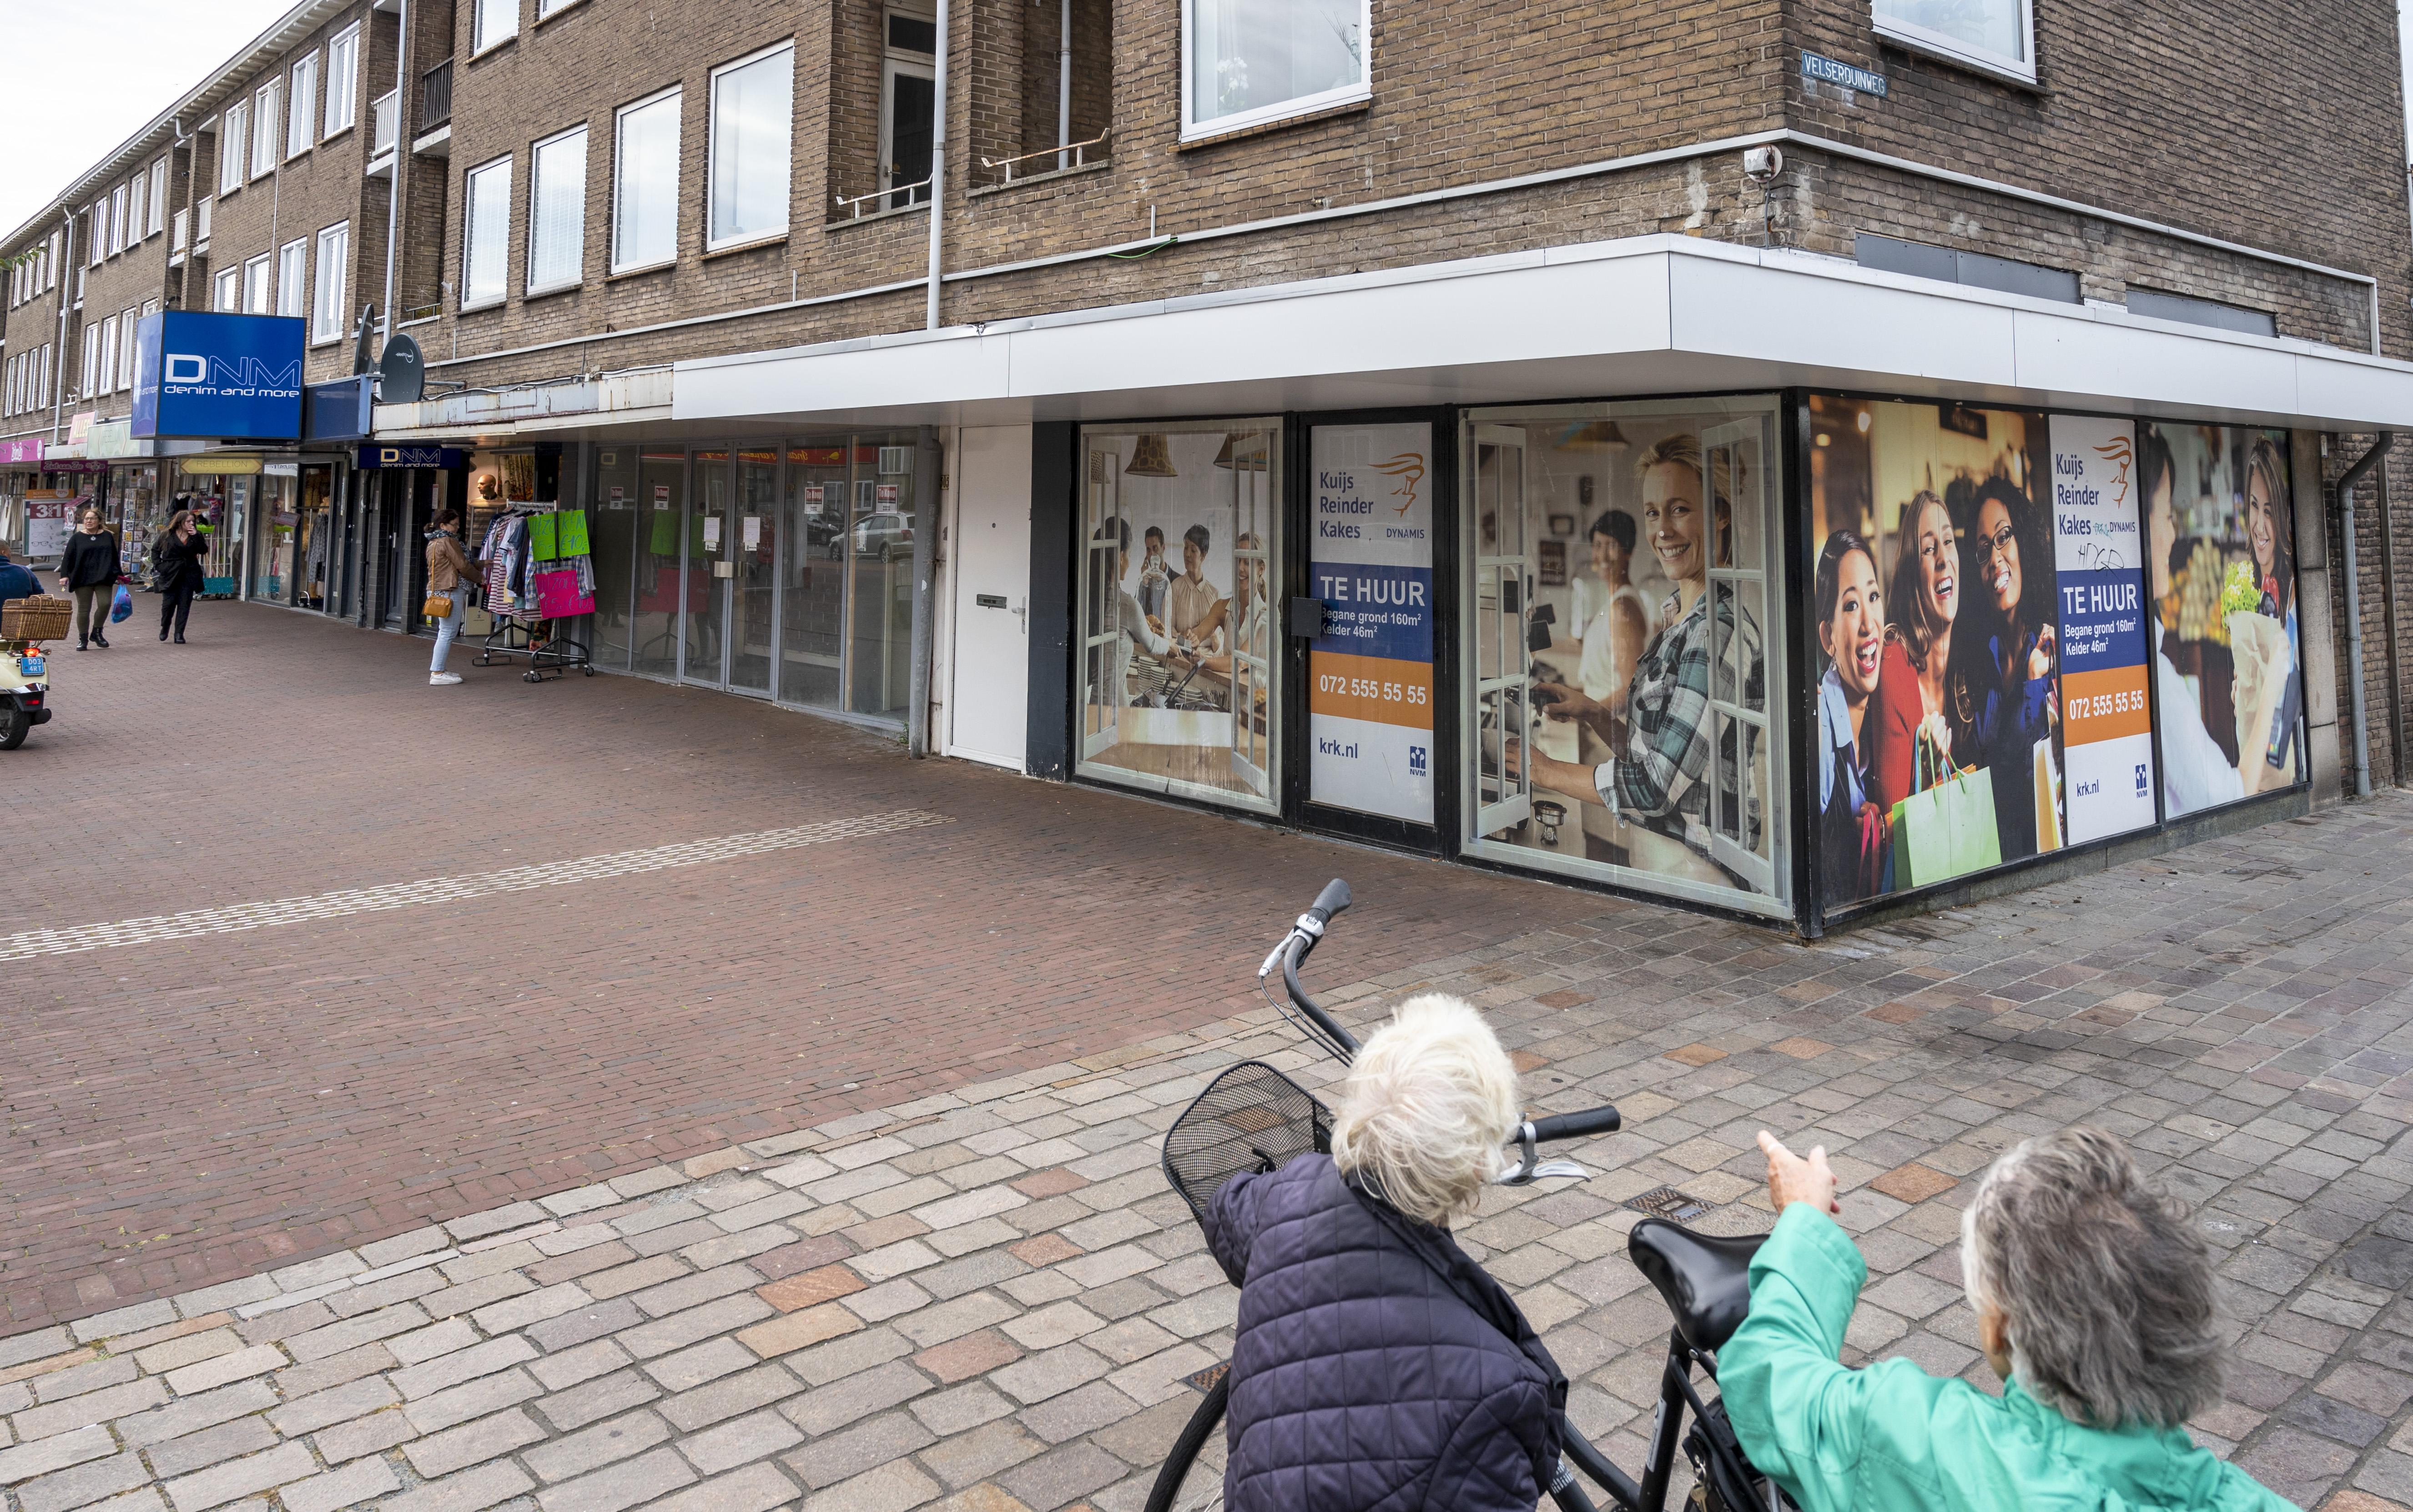 Dagjesmensen blijven weg in winkelgebieden IJmond: kledingwinkels hebben de hardste klappen gehad